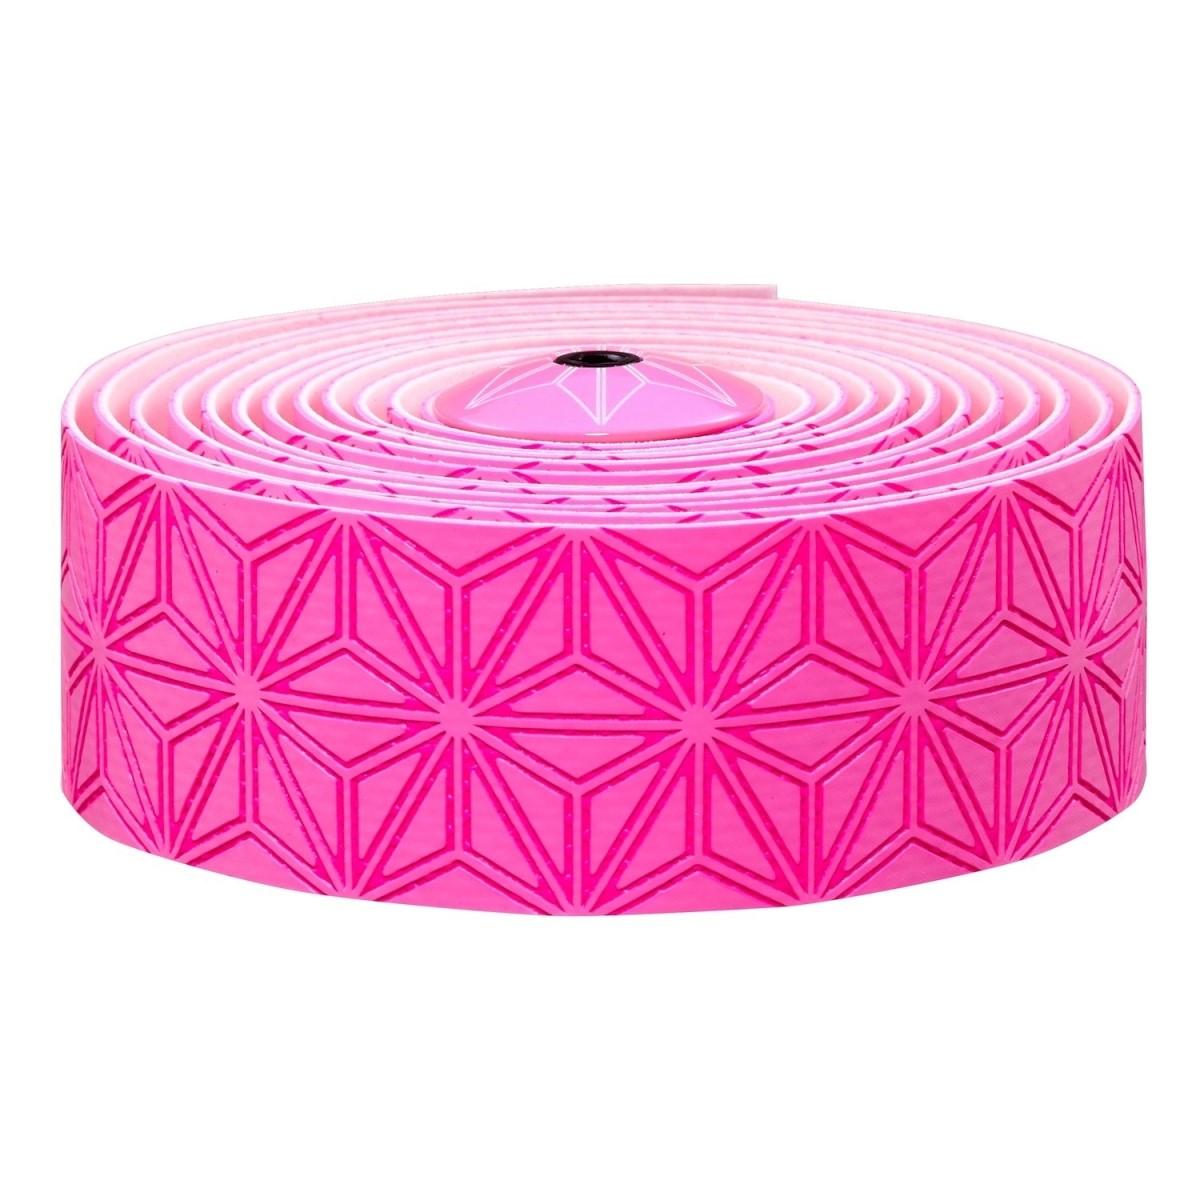 Omotávka SUPACAZ Super Sticky Kush neon růžová